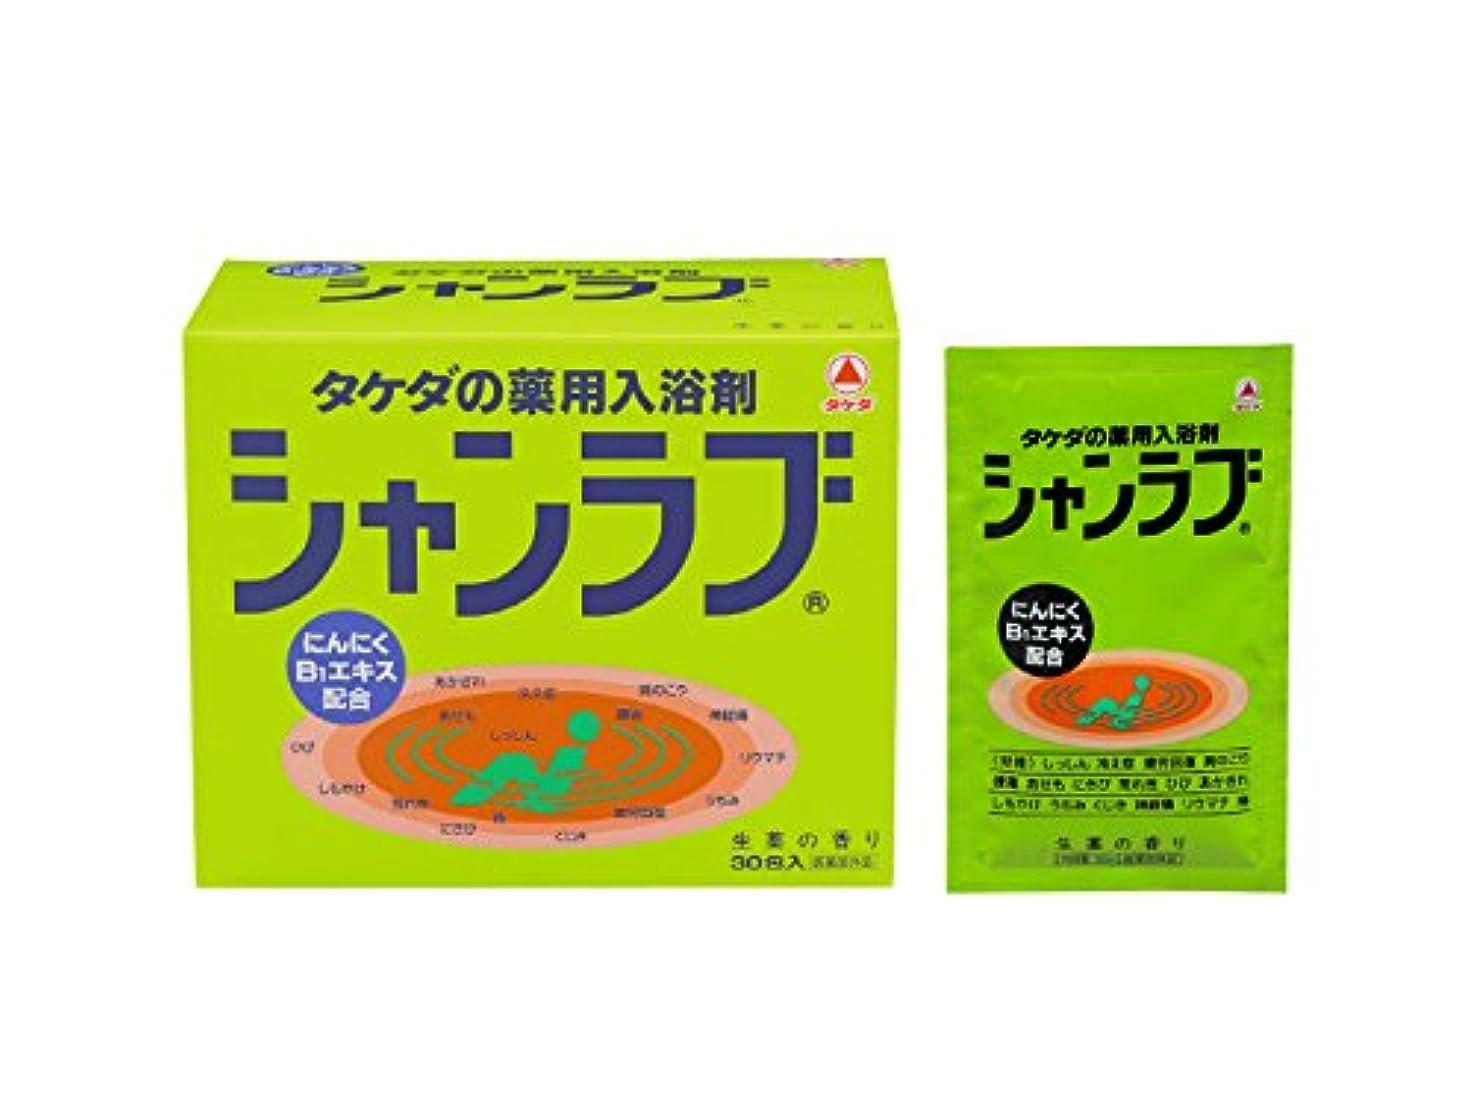 たくさん一般的に言えば汚染する【医薬部外品】武田コンシューマーヘルスケア シャンラブ 生薬の香り 30包